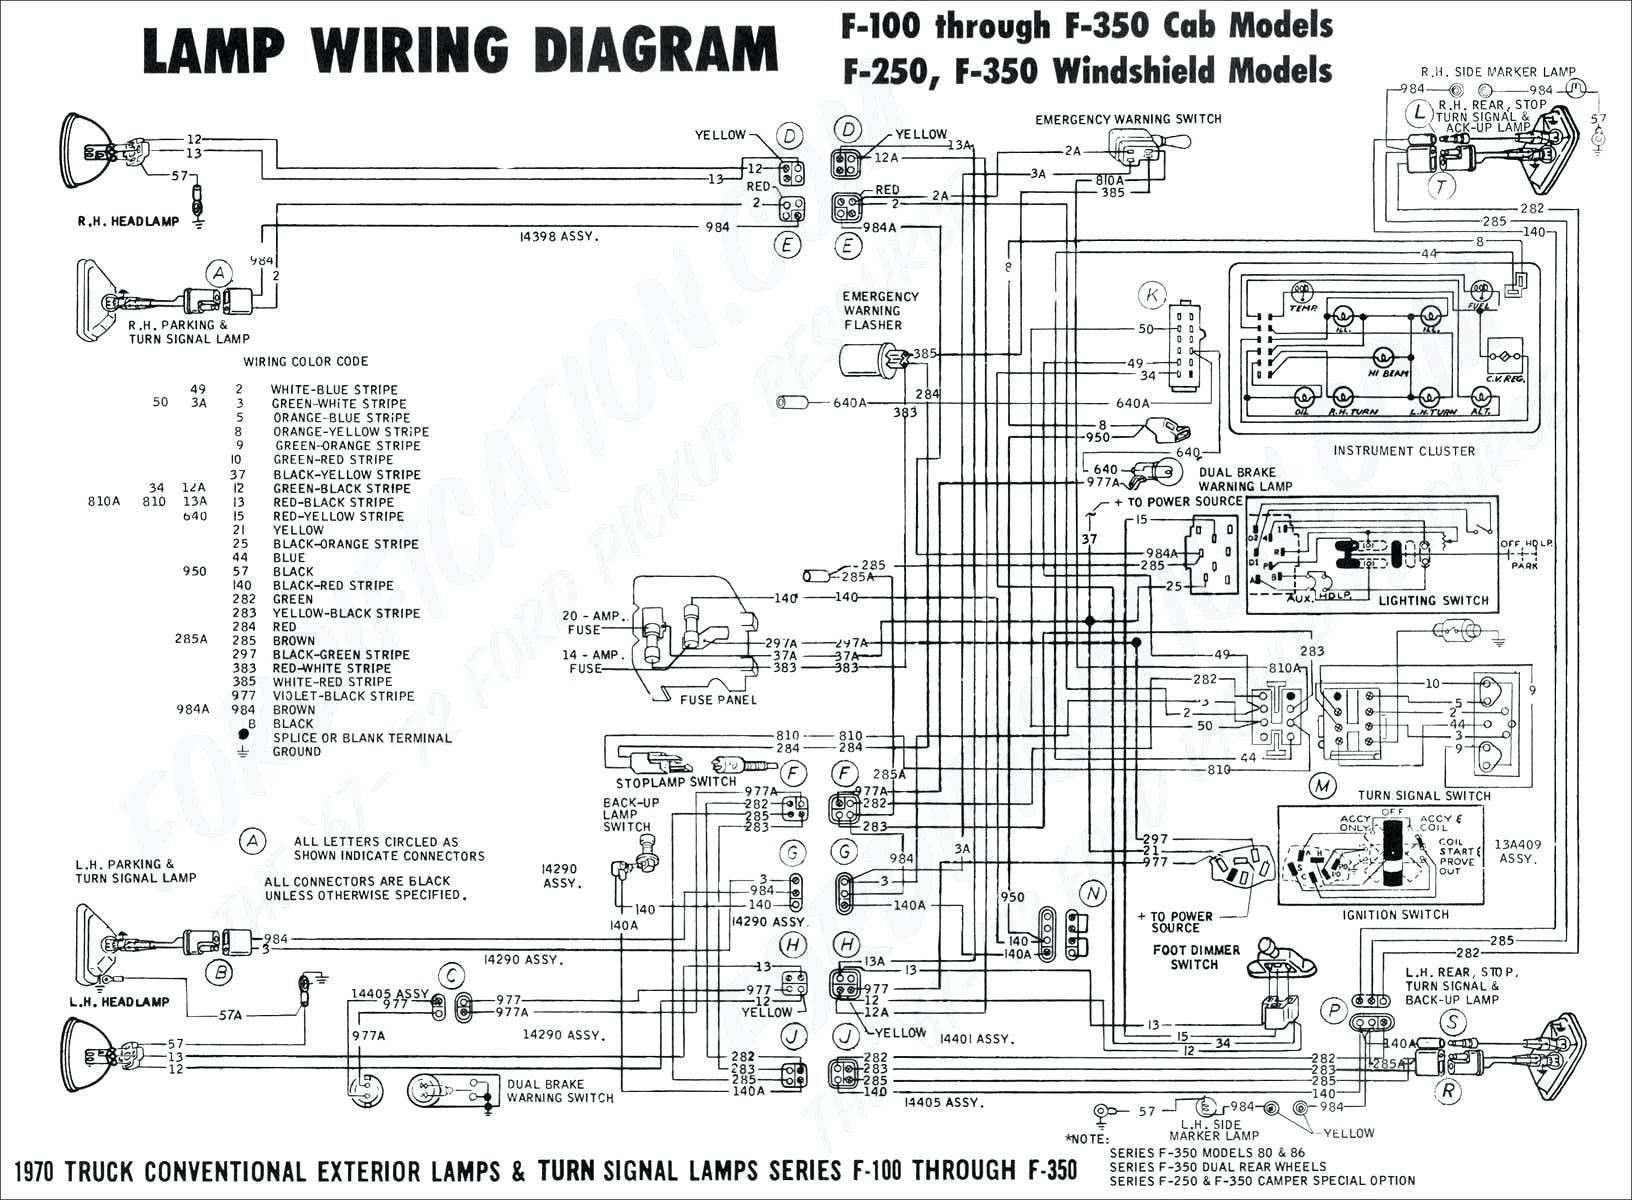 Best Of Kenworth Wiring Diagram Trailer Wiring Diagram Electrical Wiring Diagram Circuit Diagram